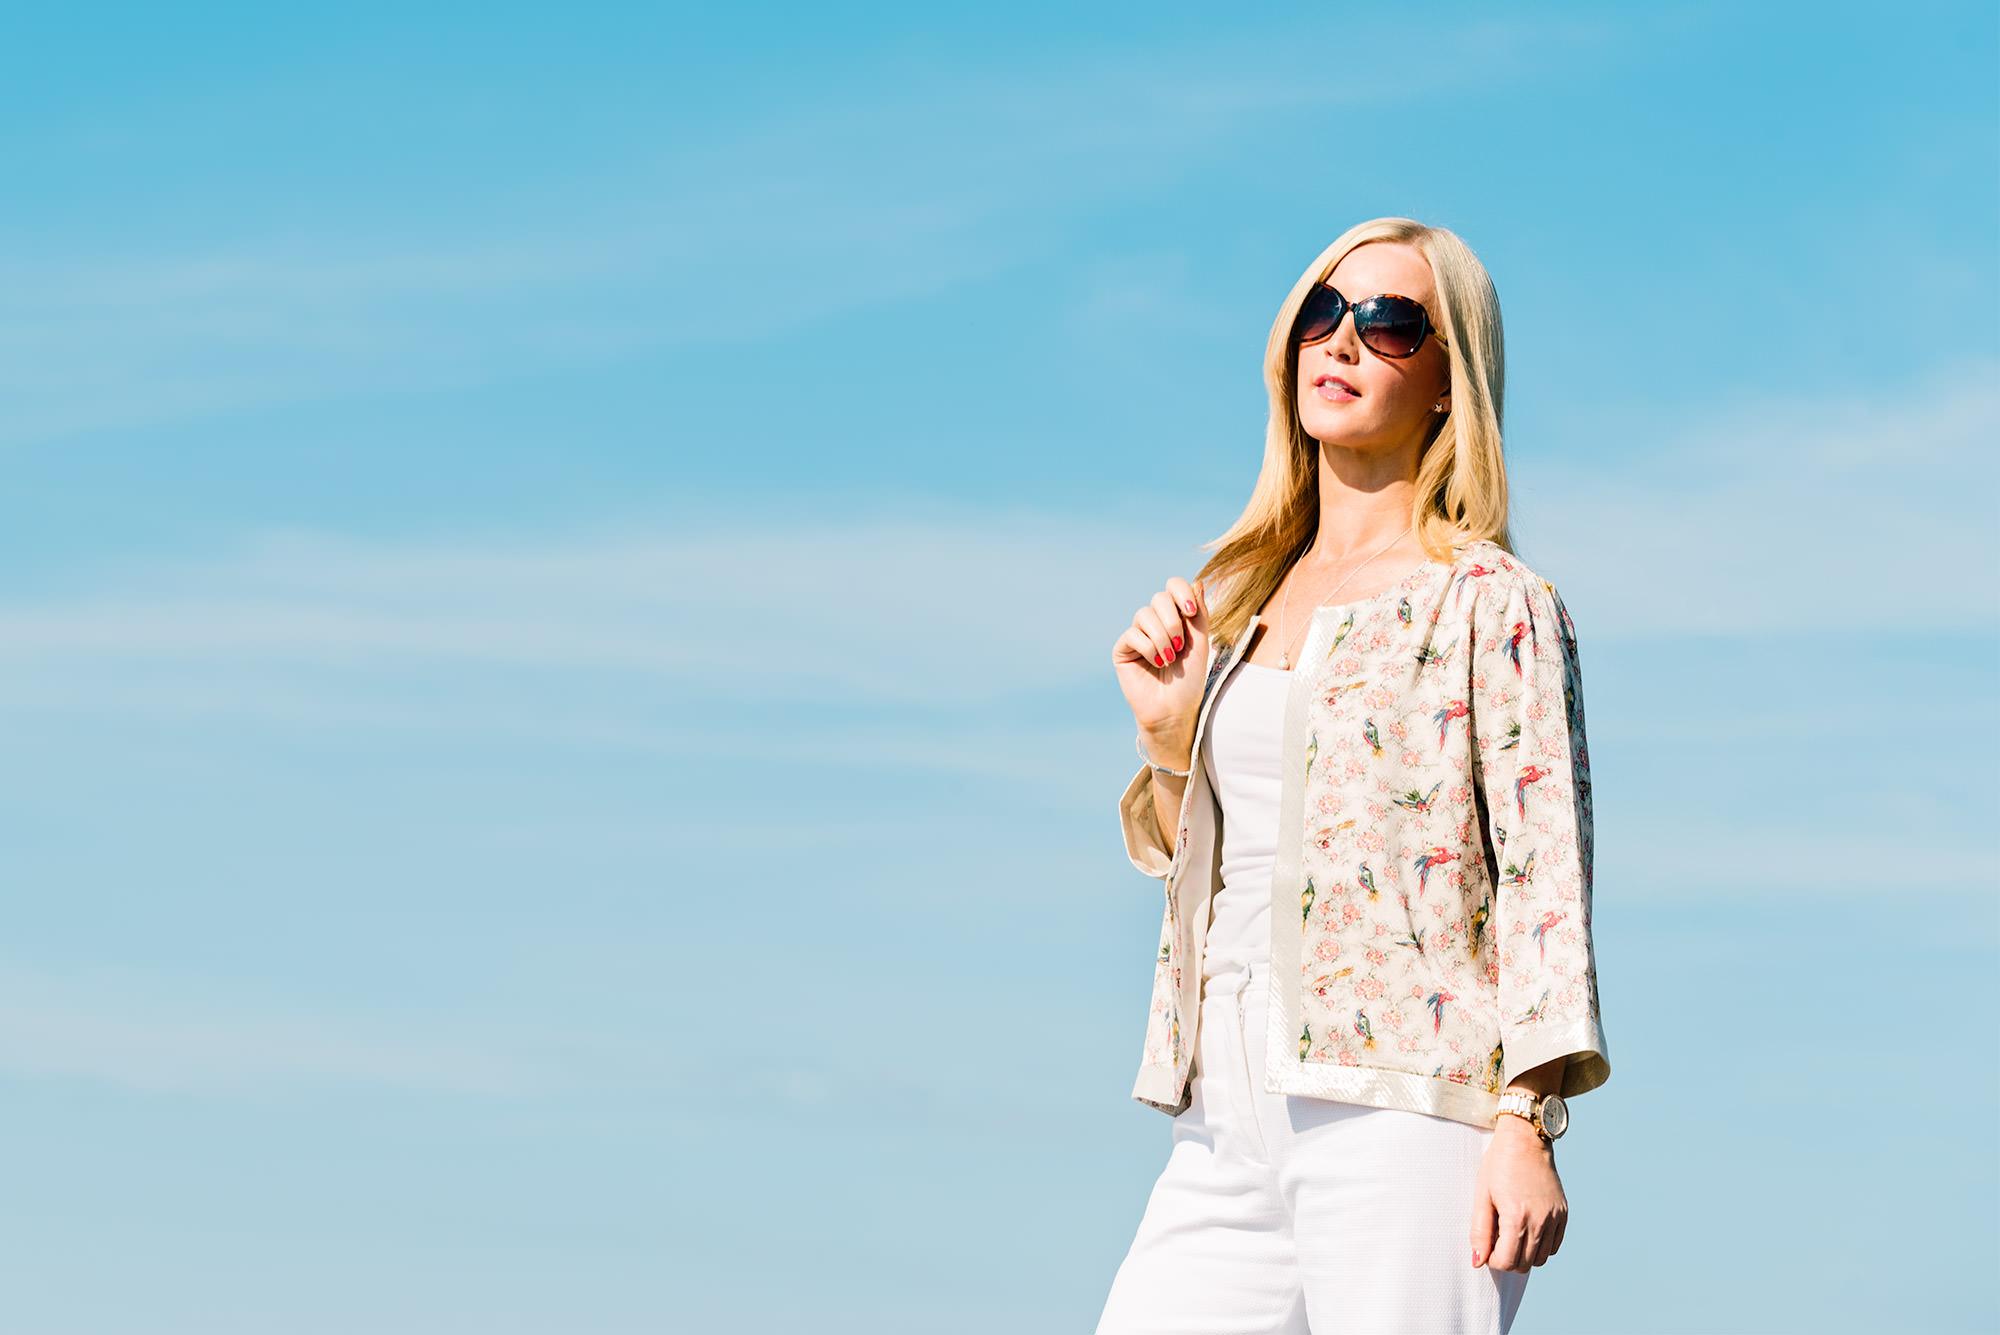 fashion-blogger-wearing-kimono-jacket-and-white-trousers_mini